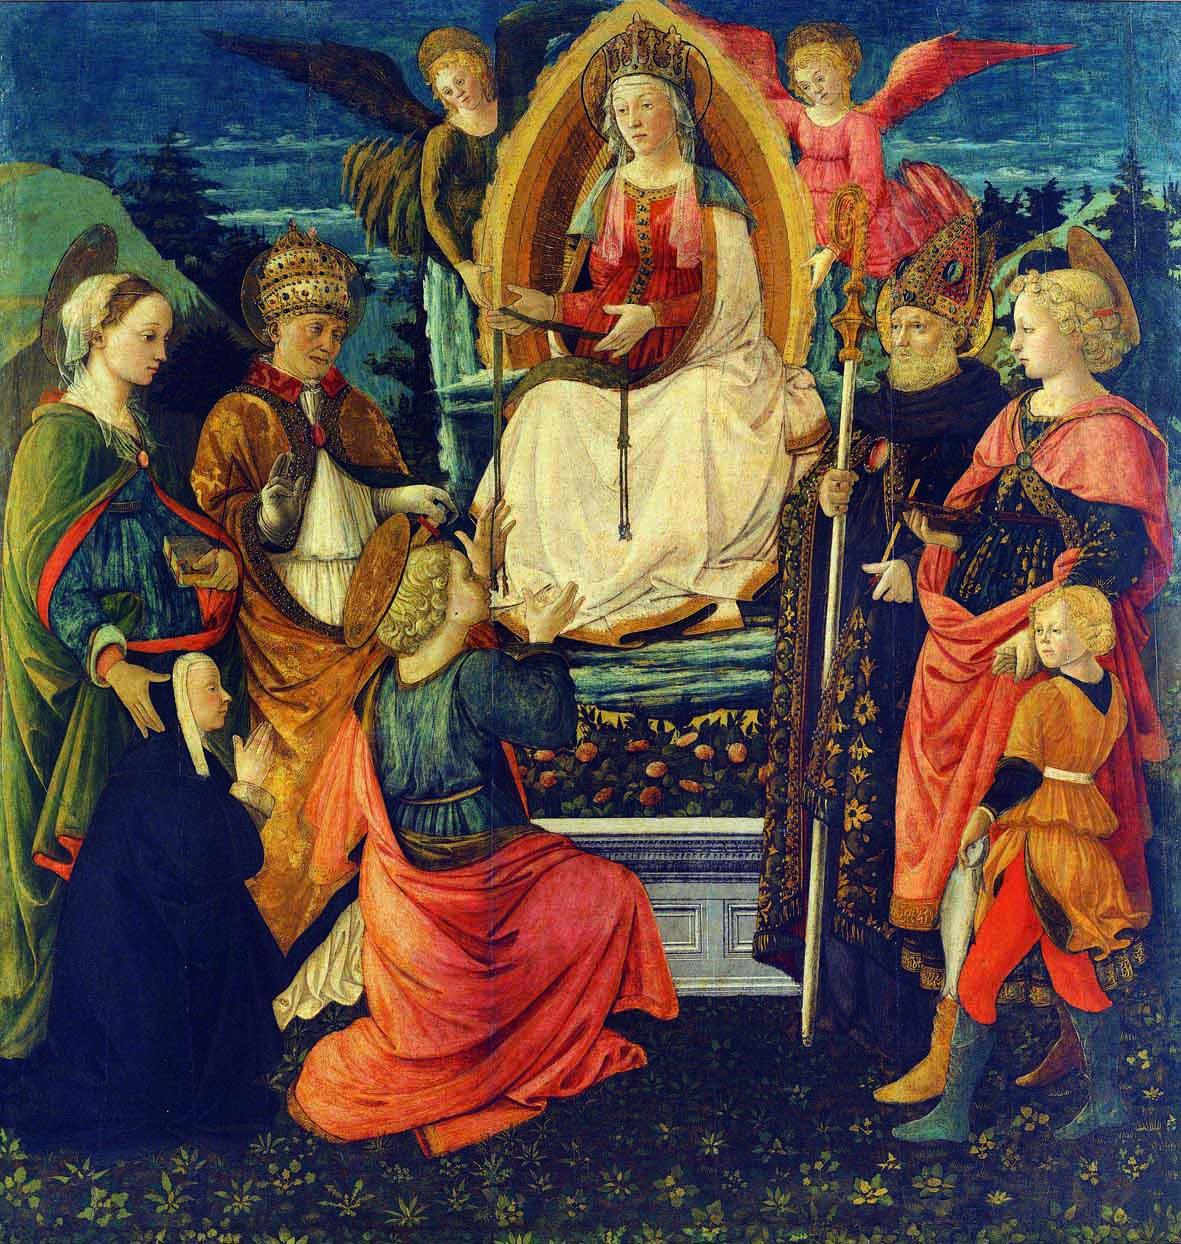 3_filippo-lippi-fra-diamante-la-madonna-della-cintola-a-s-tommaso-1456-1465-prato-museo-di-palazzopretorio